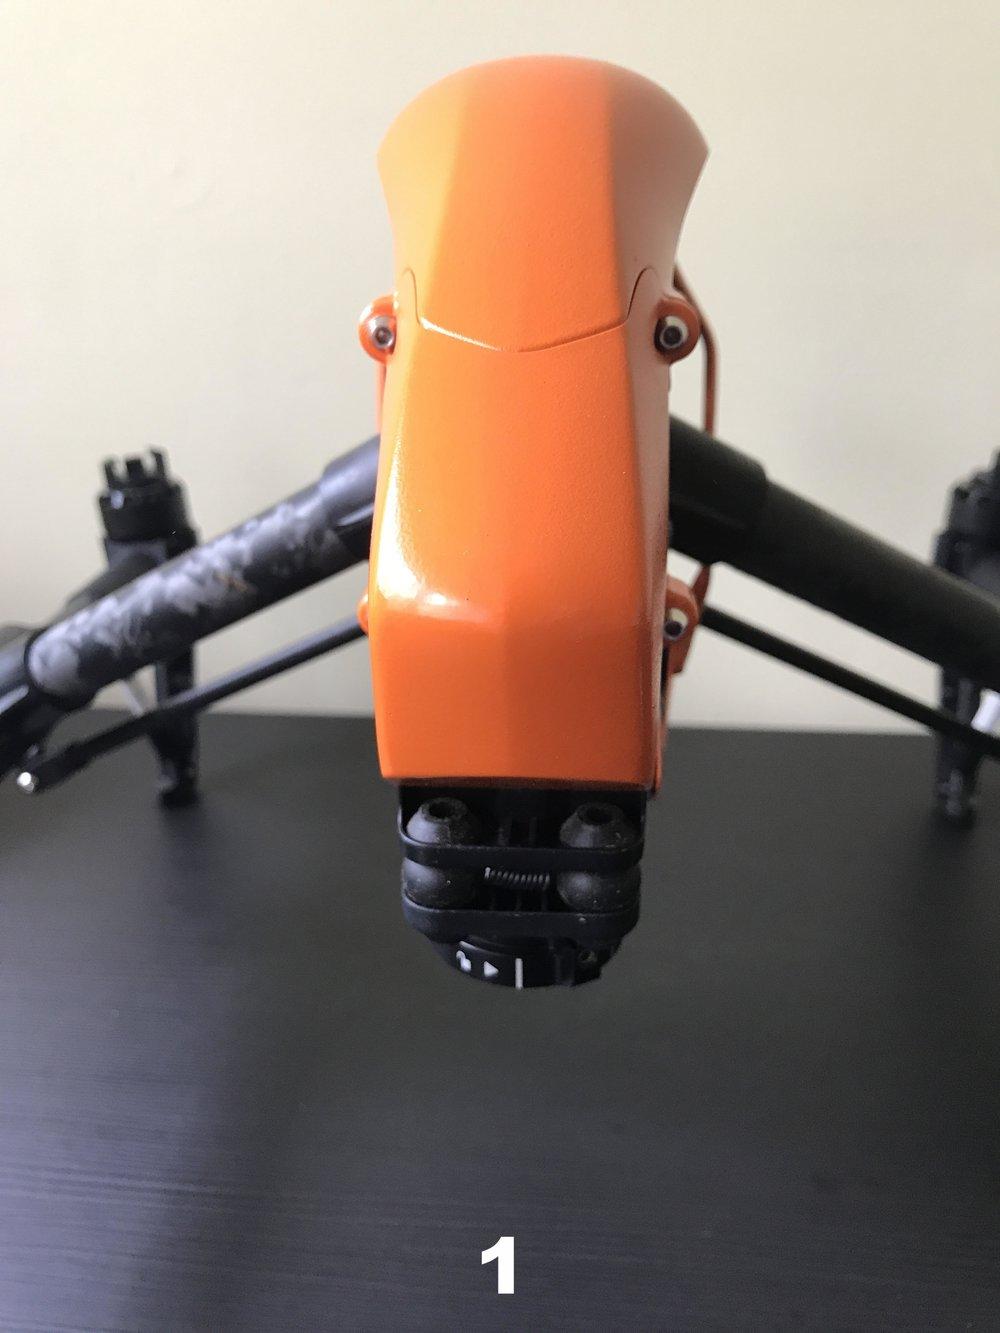 Baltimore Drone Inspire 1